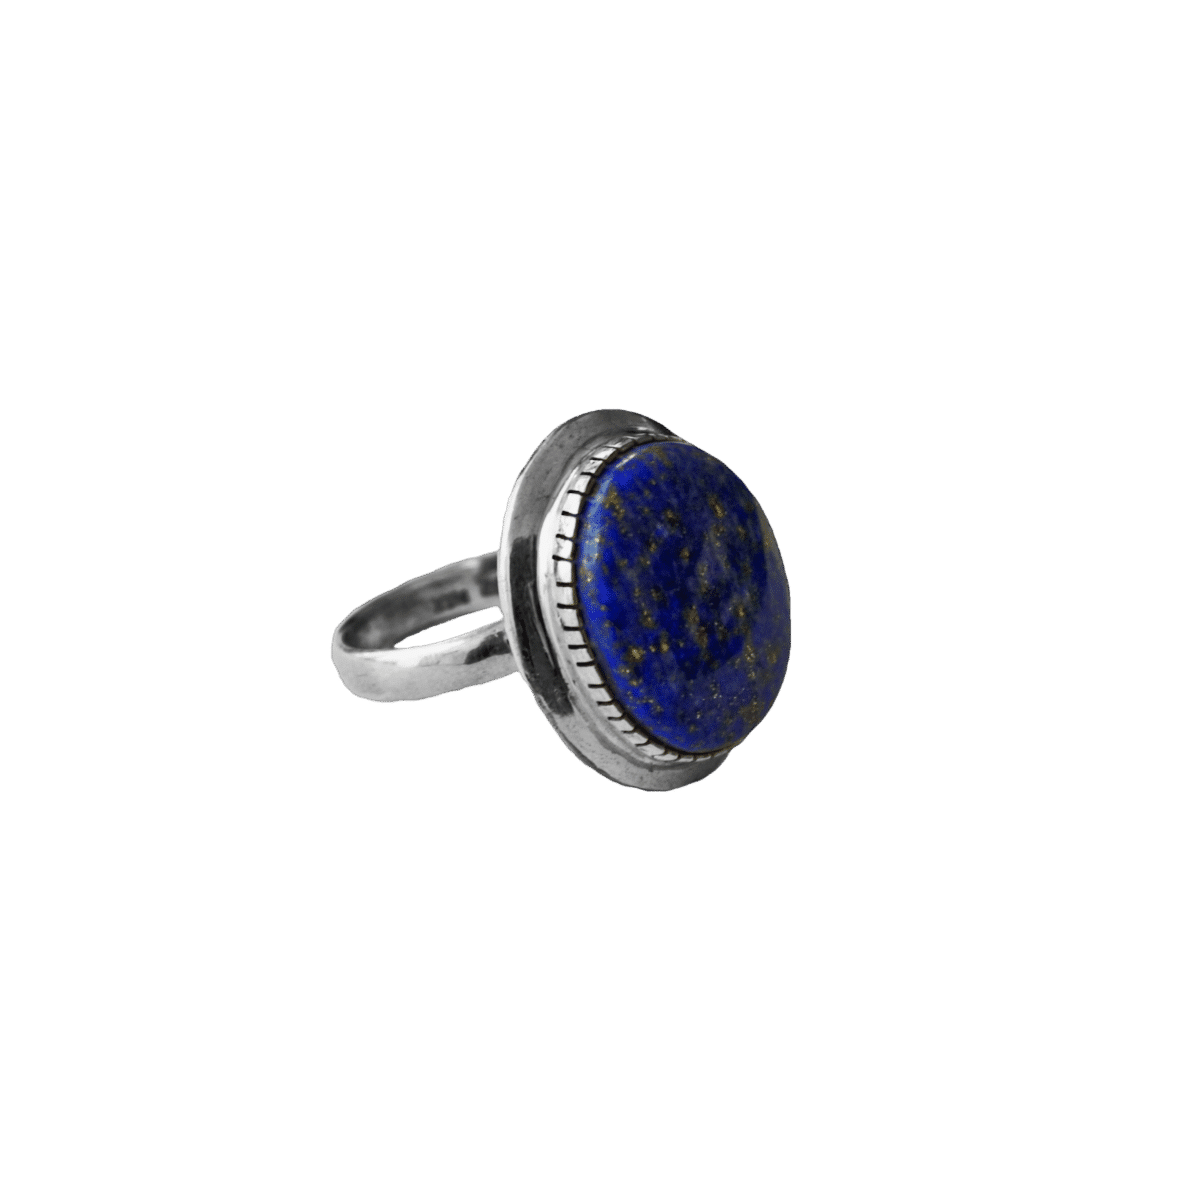 anillo plata lapislazuli oval 1